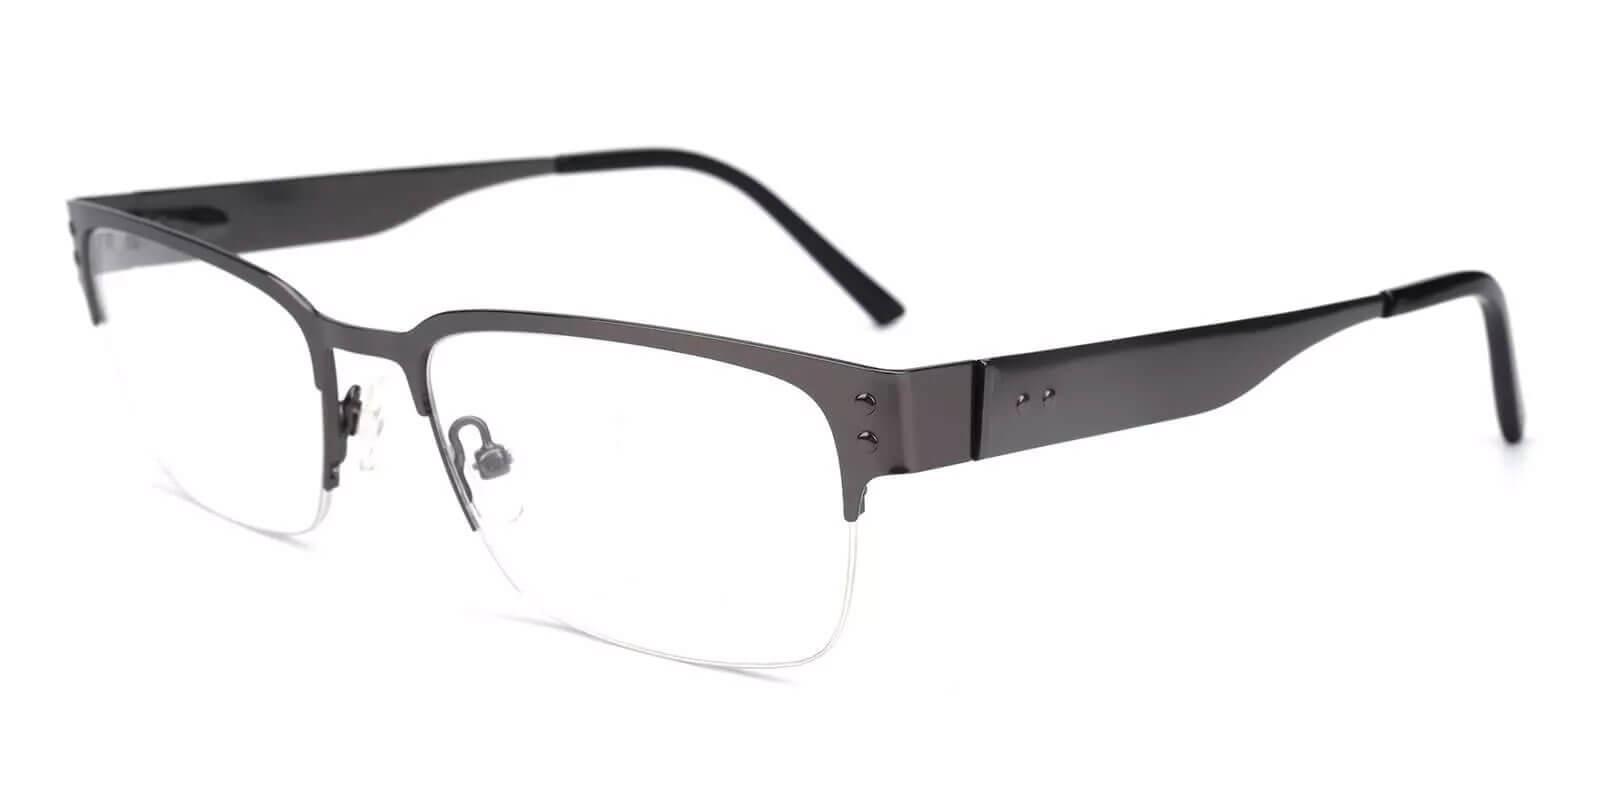 Levi Gun Metal Eyeglasses , NosePads Frames from ABBE Glasses